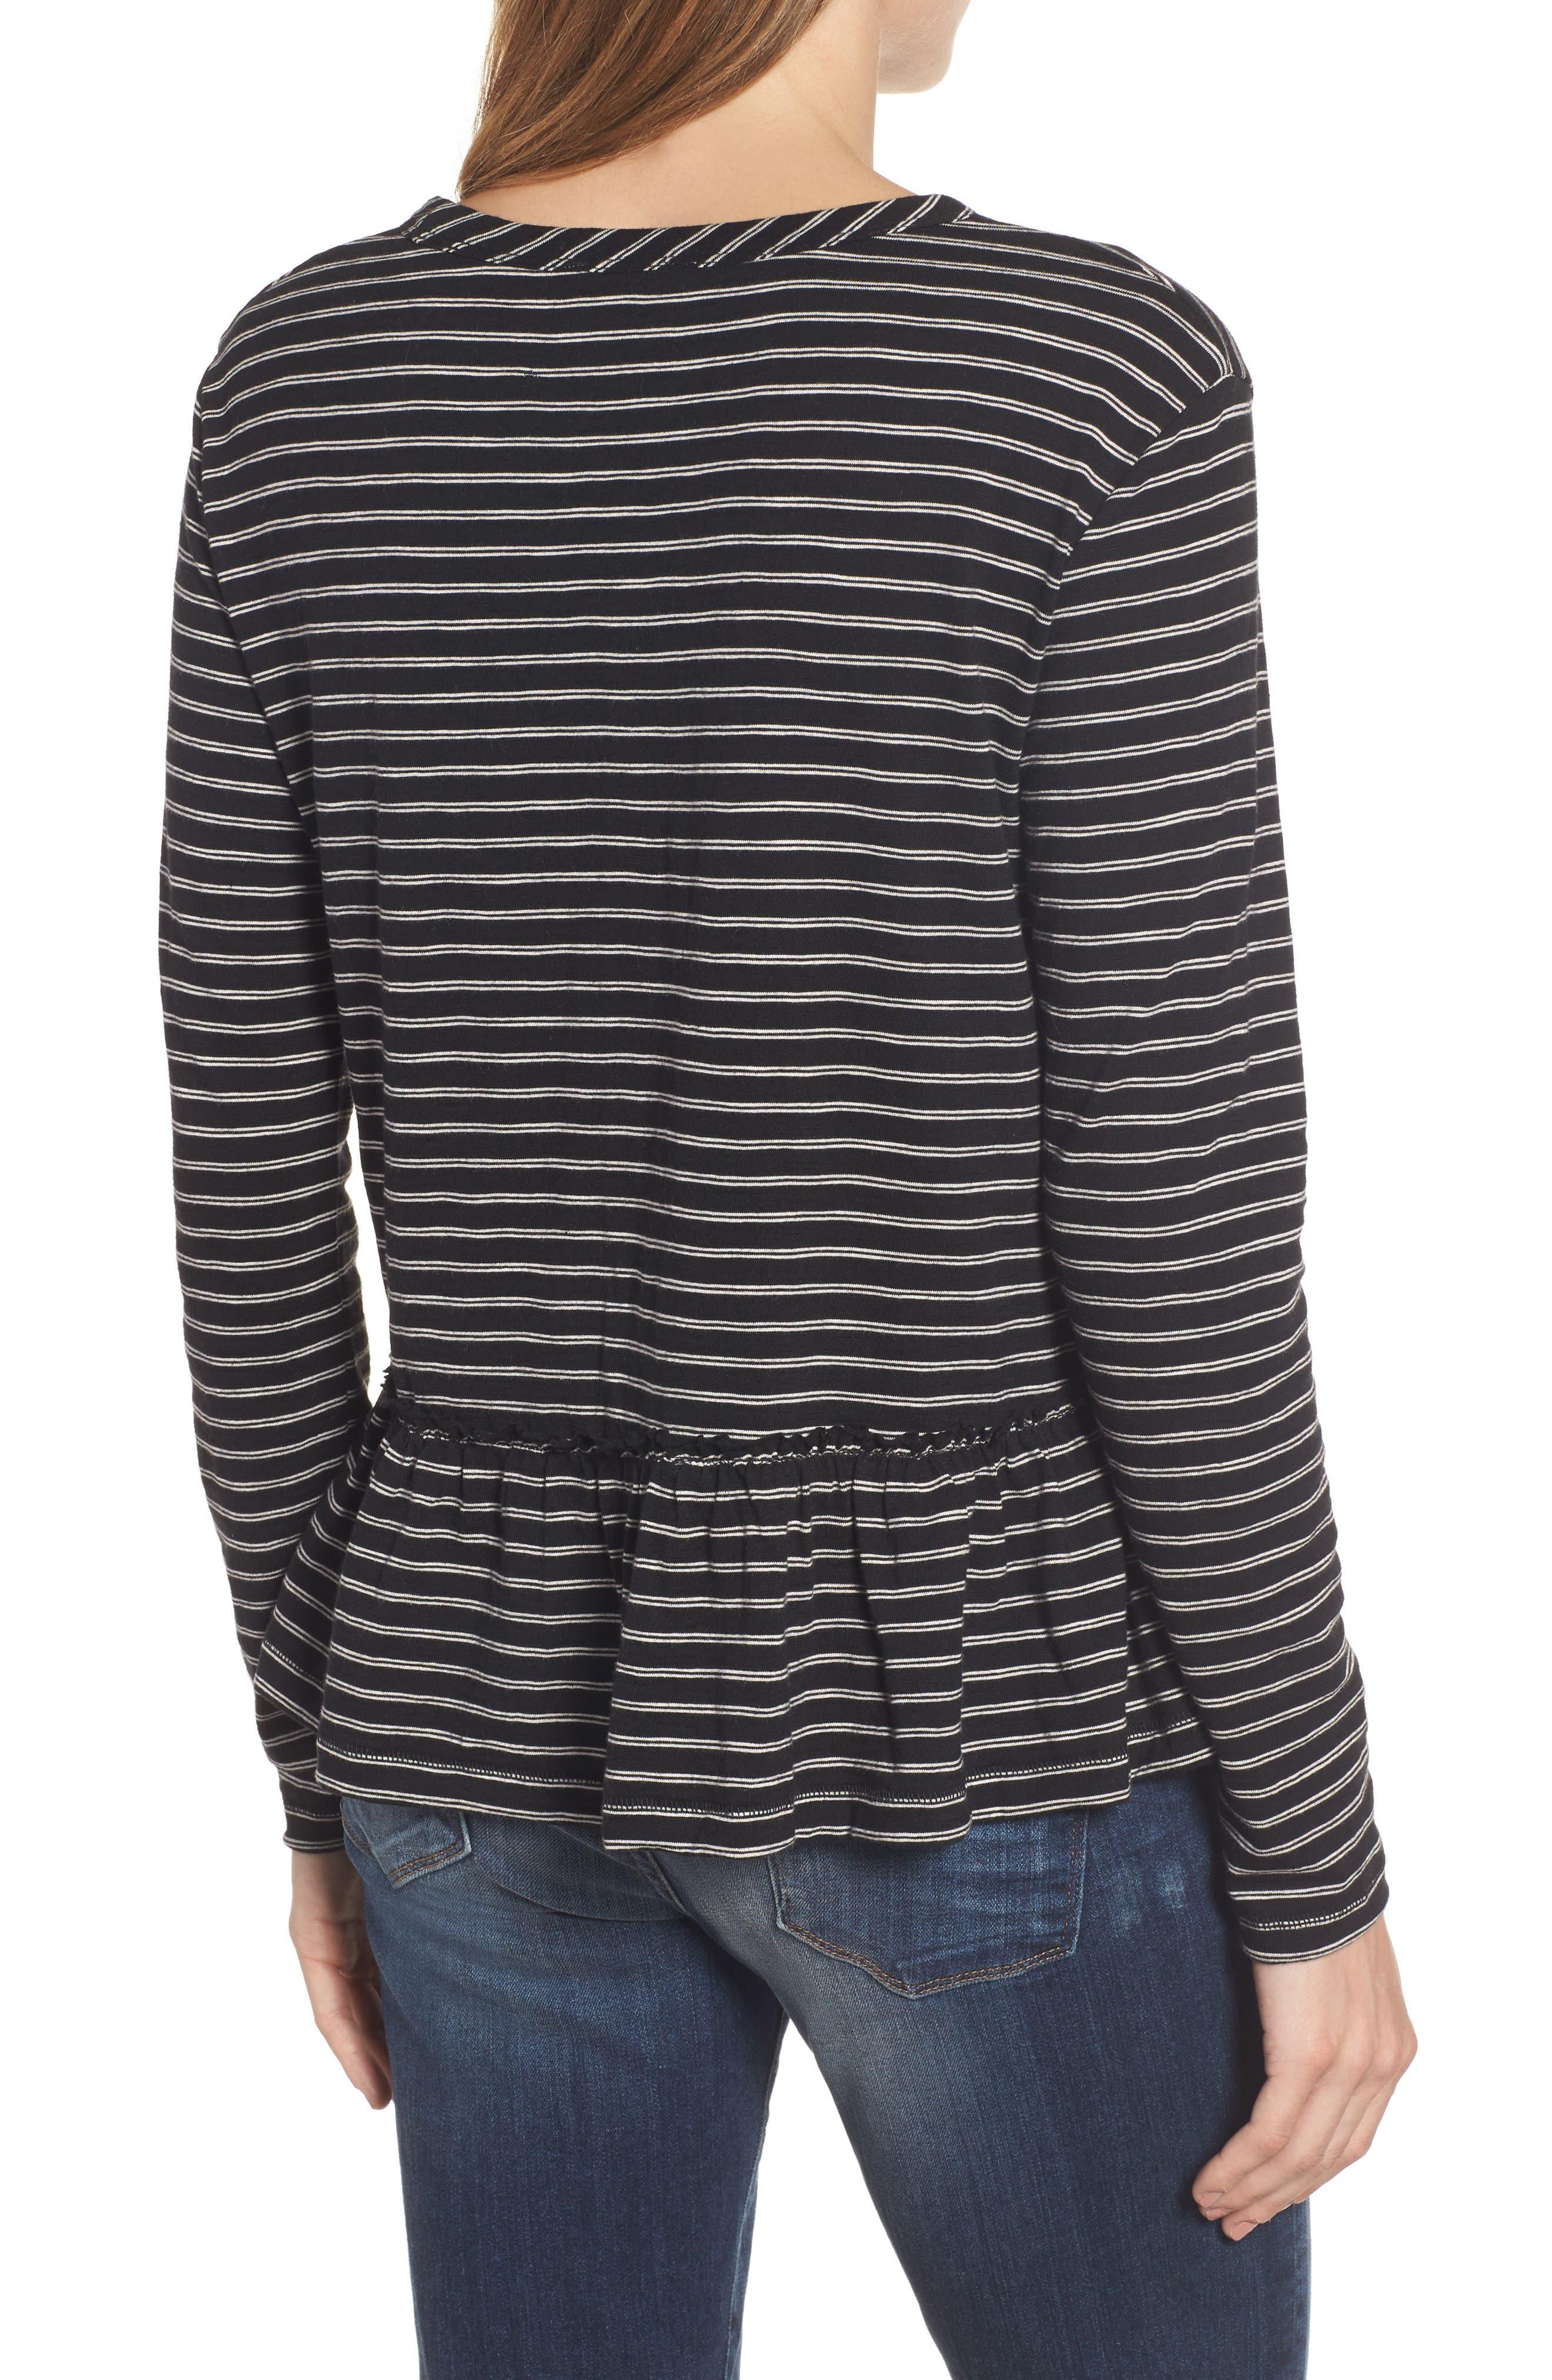 1353c59d29d Women s Long Sleeve Tops